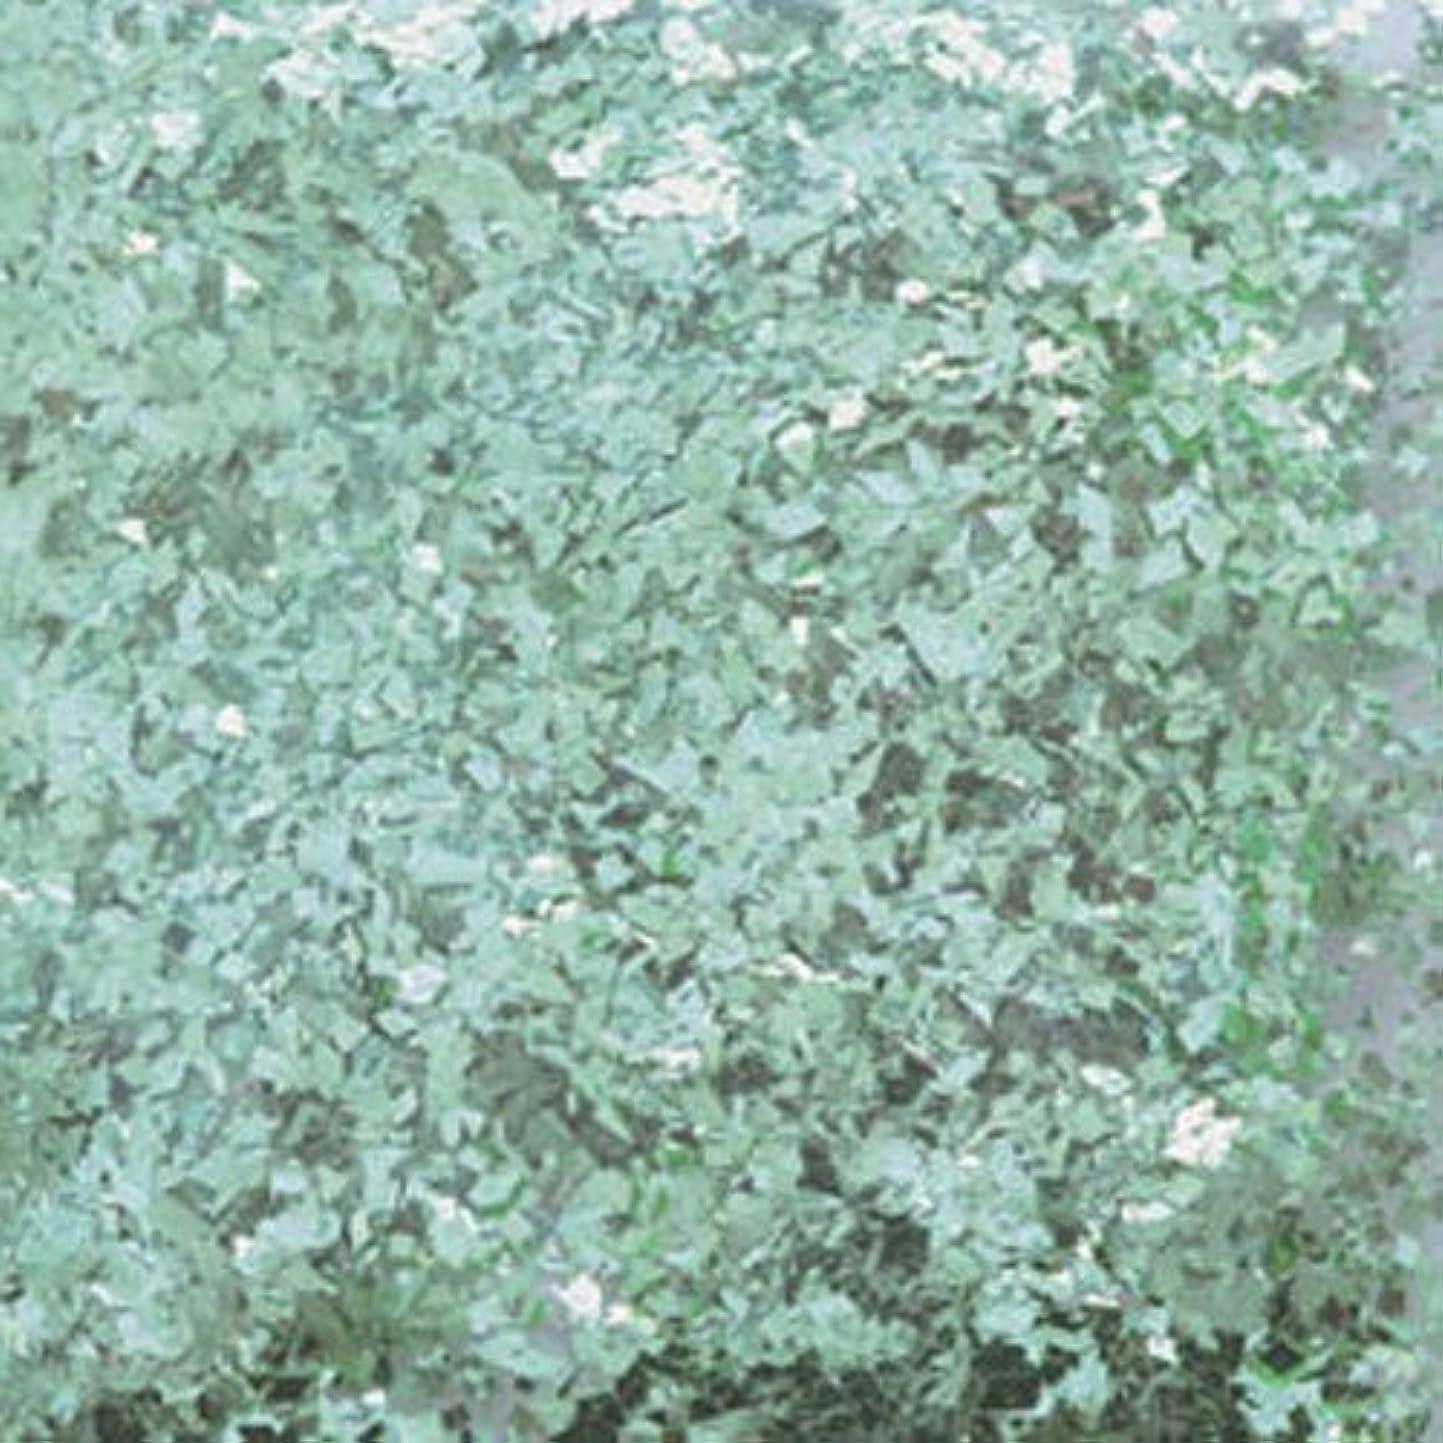 証書堂々たるモードリンピカエース ネイル用パウダー 乱切シャインN #374 ライトグリーン 0.7g